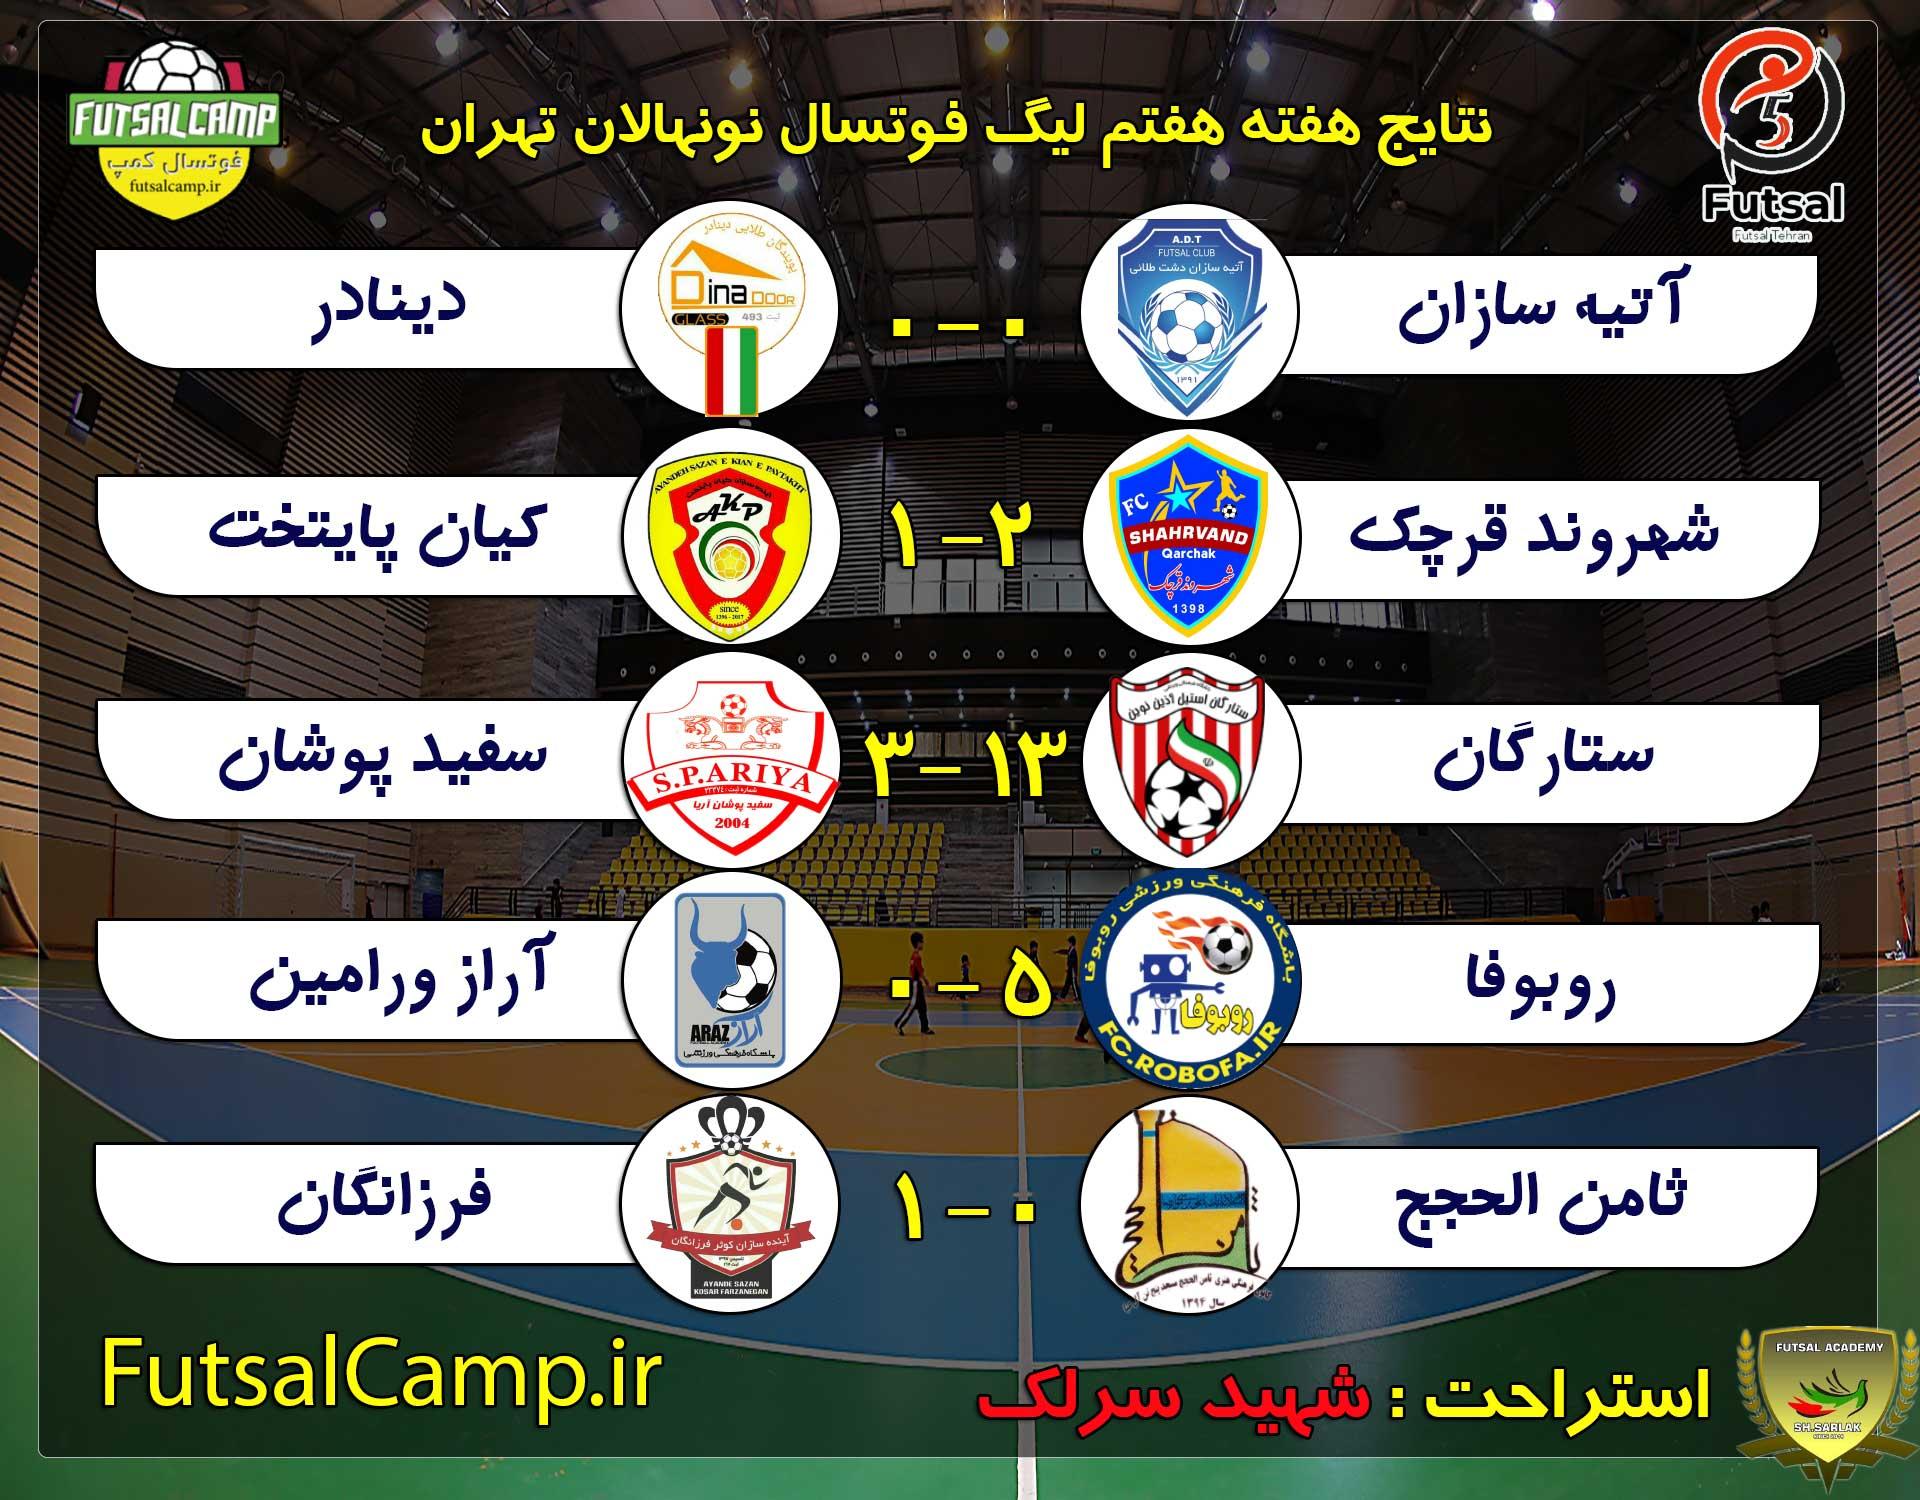 نتایج بازی ها هفته هفتم لیگ فوتسال نونهالان تهران